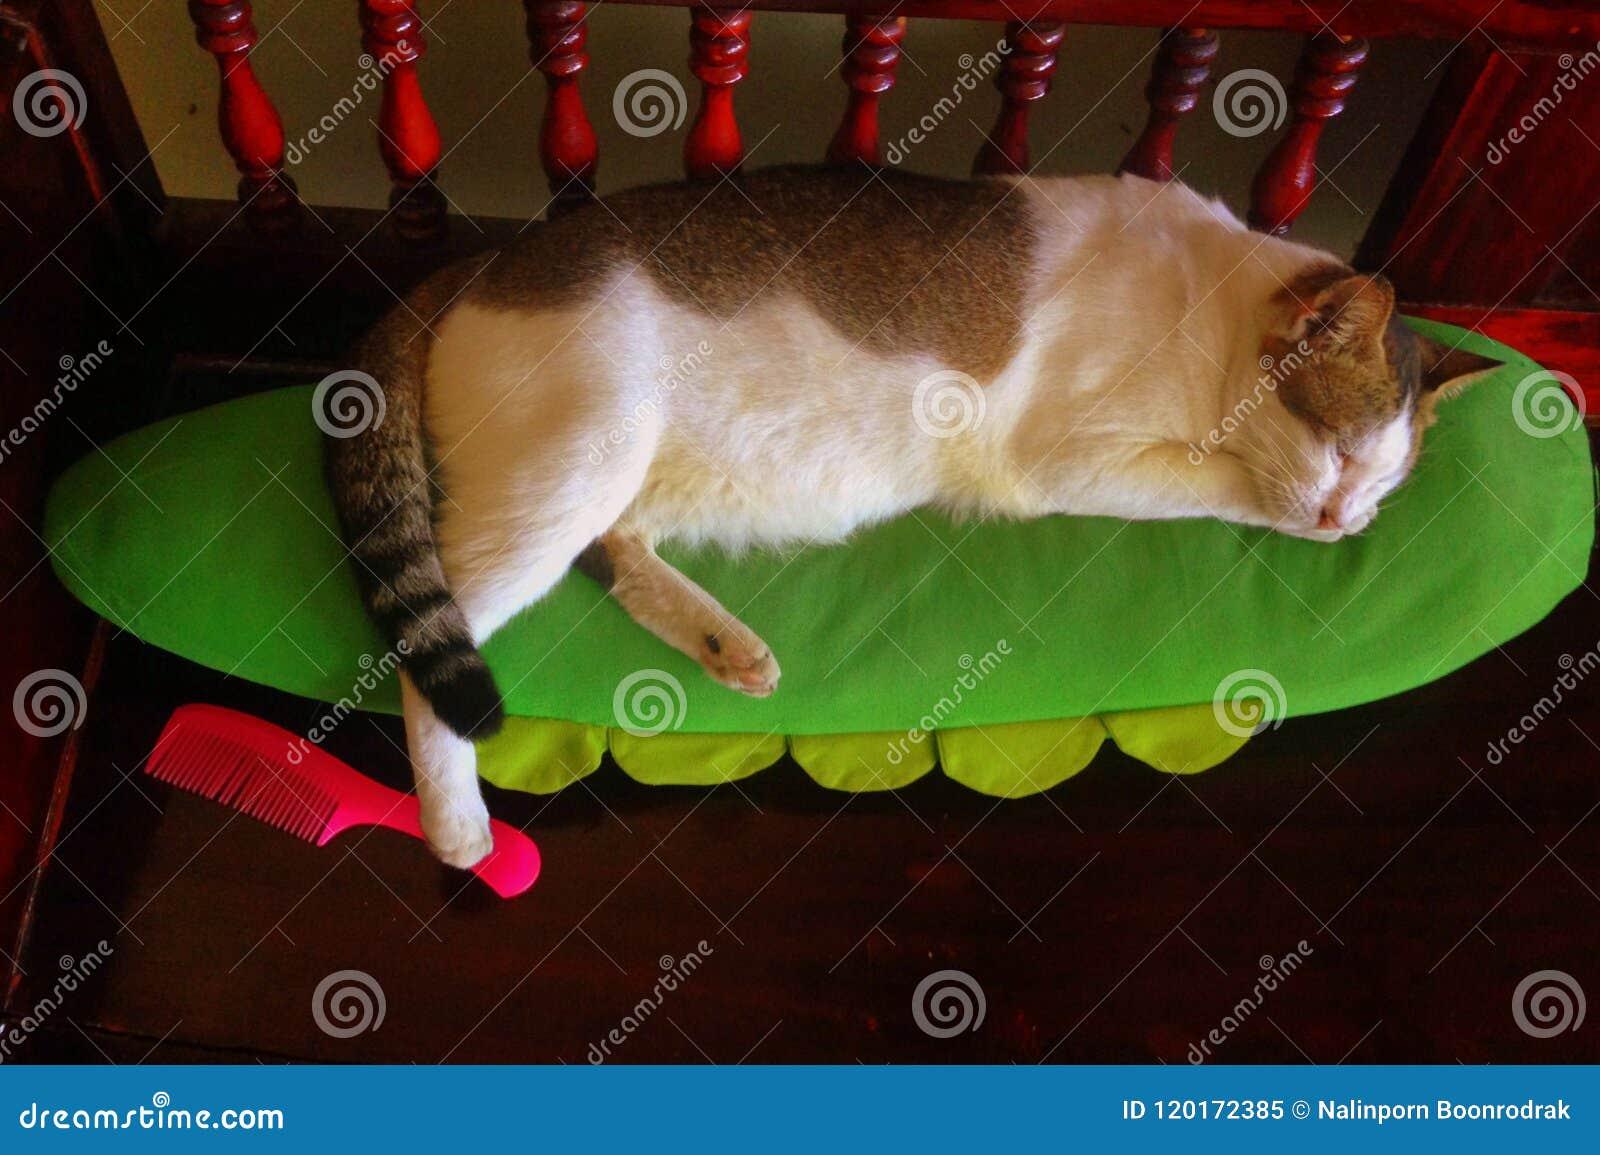 Закройте вверх по коту ситца спать счастливо на зеленой подушке при одна нога шагая на розовый гребень